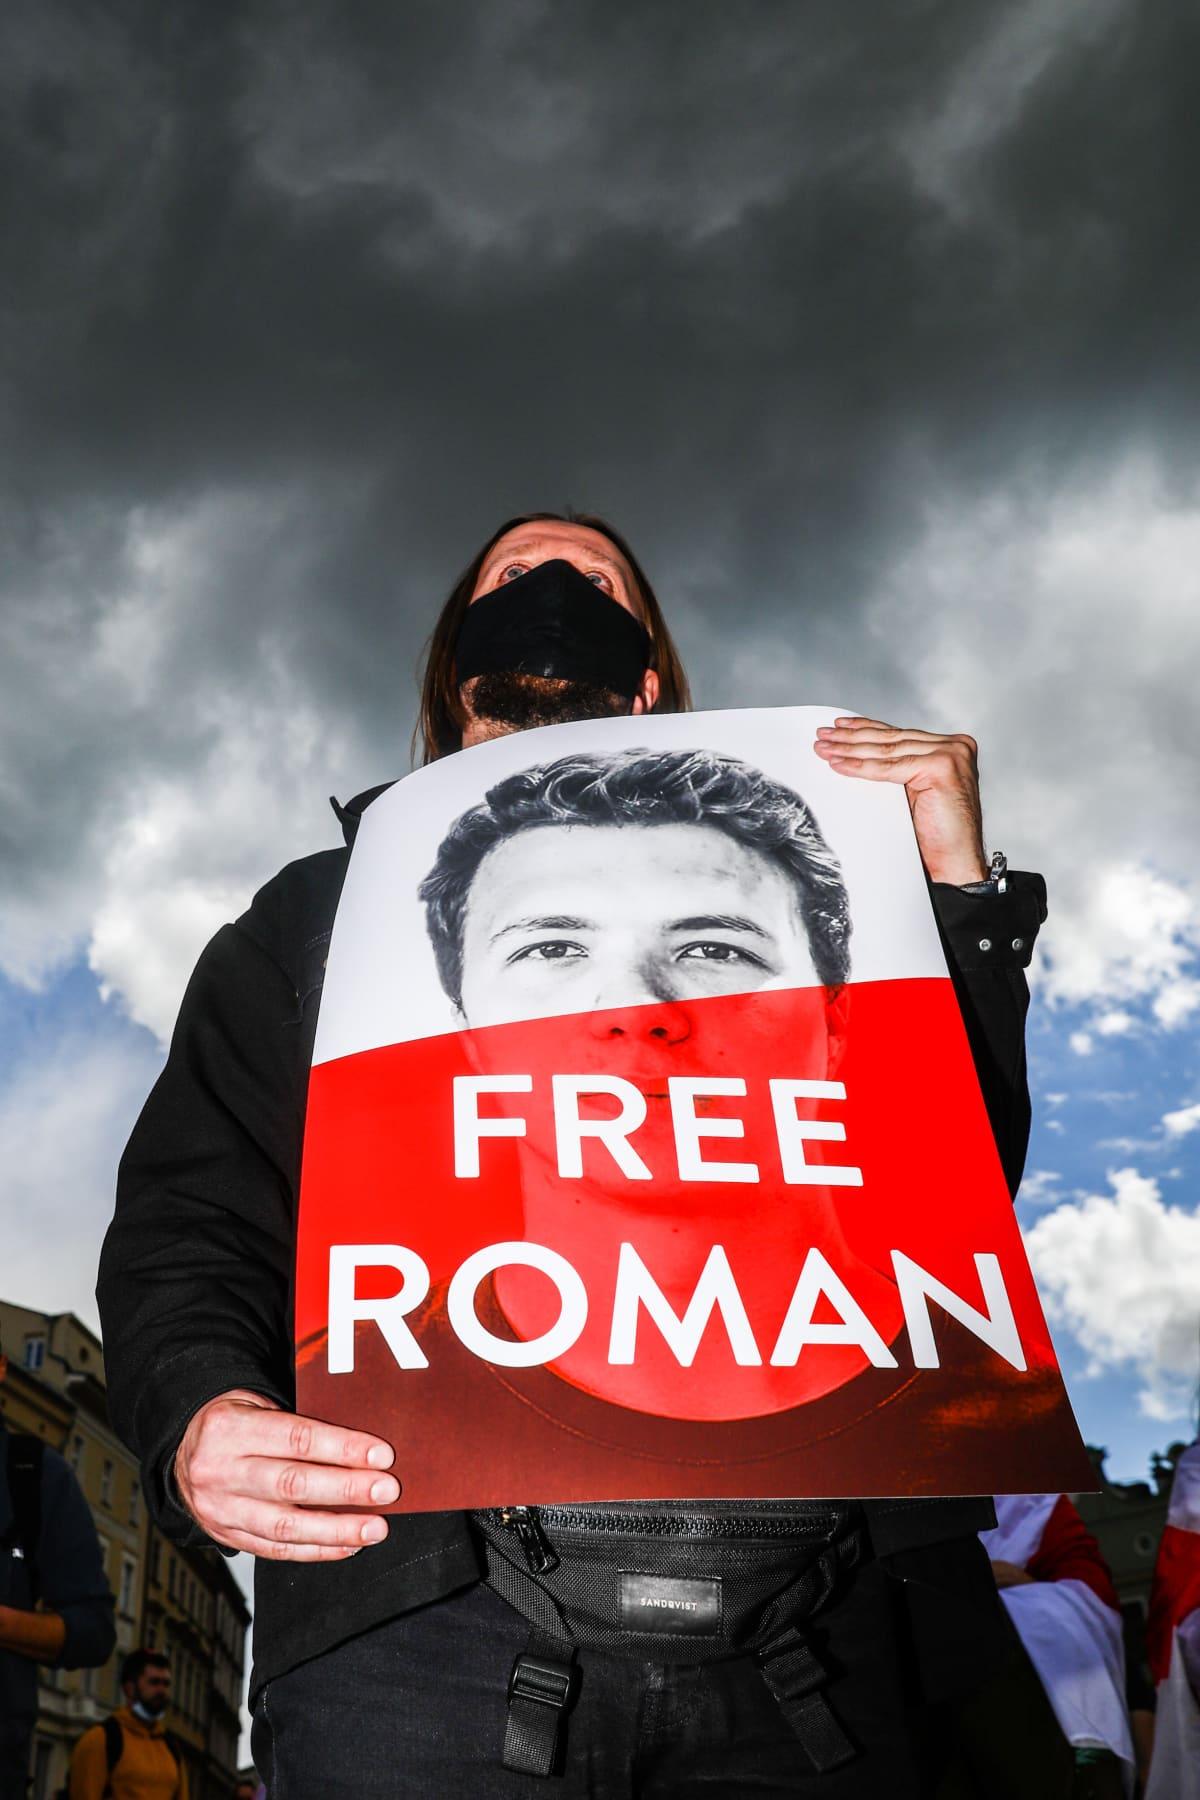 Mies pitää Free Roman kylttiä edessään mielenosoituksessa.